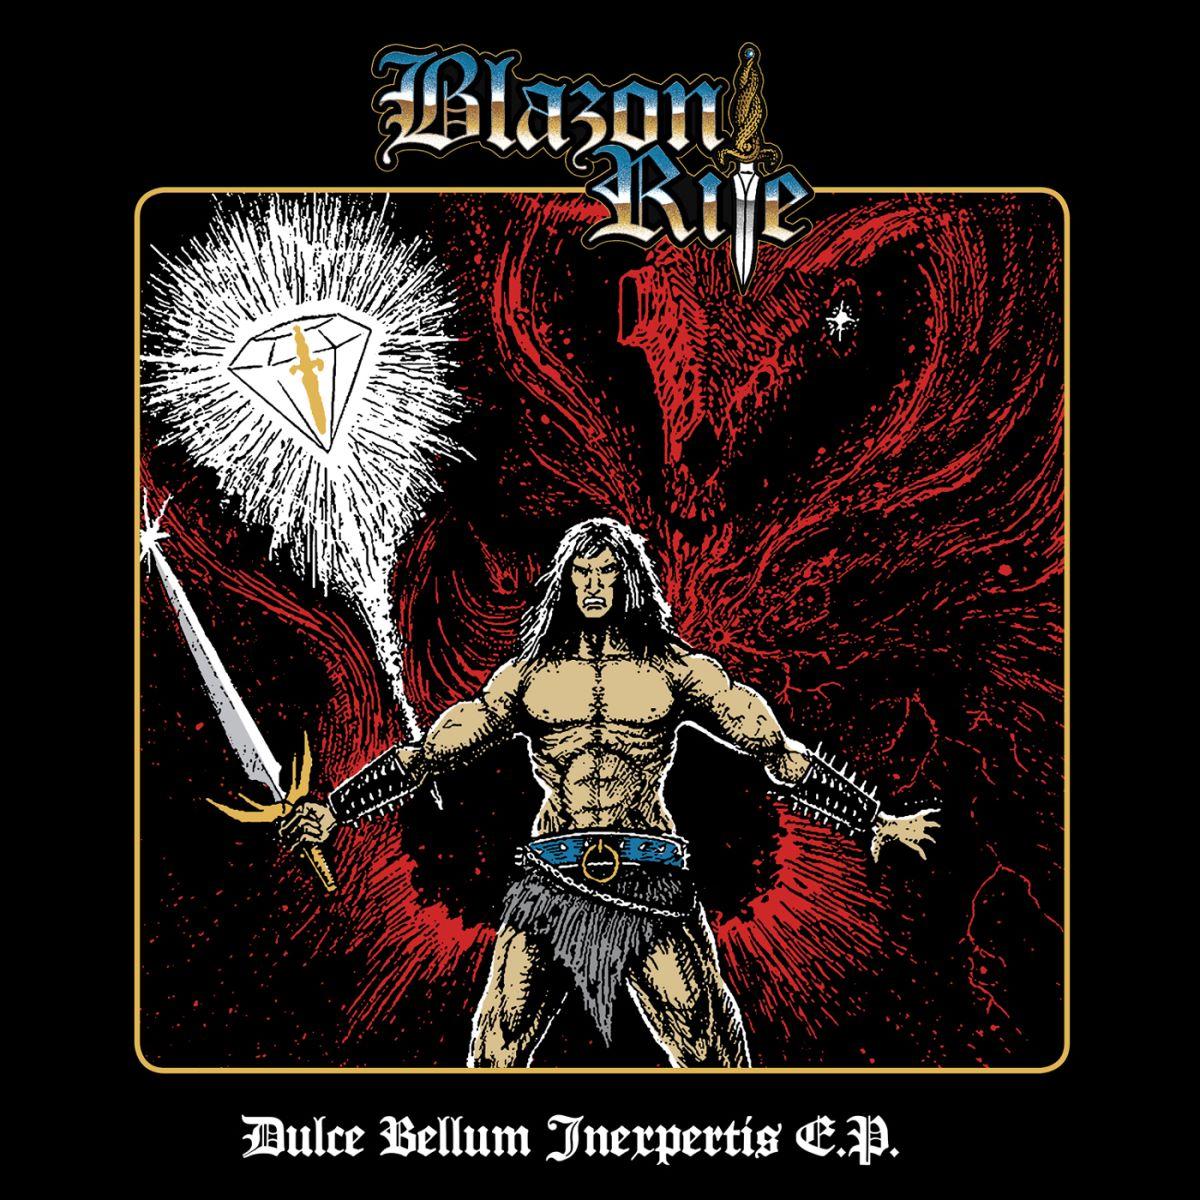 Blazon Rite - Dulce Bellum Inexpertis - album cover